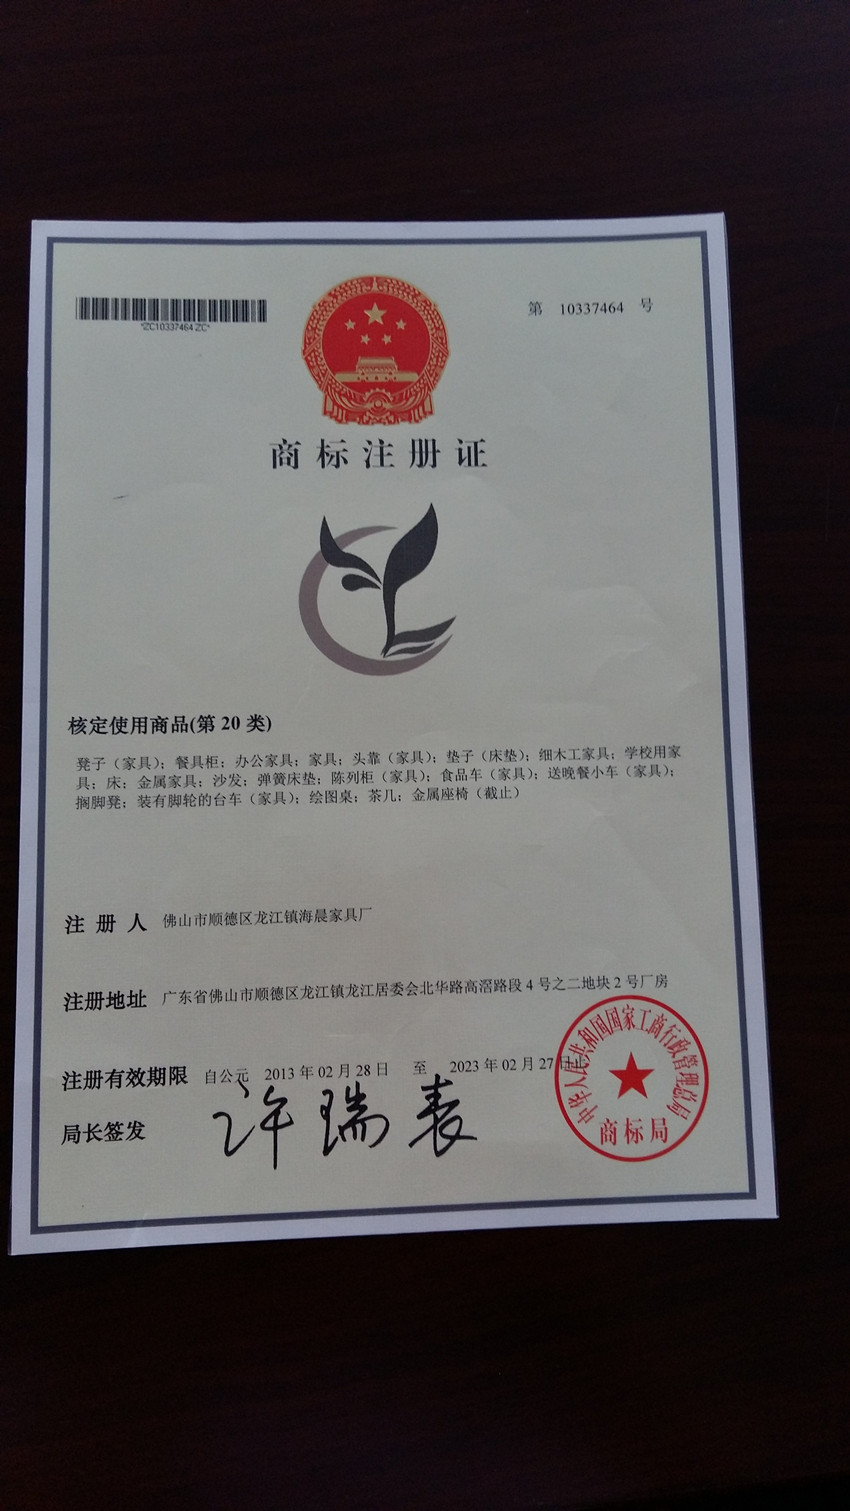 Yichuang